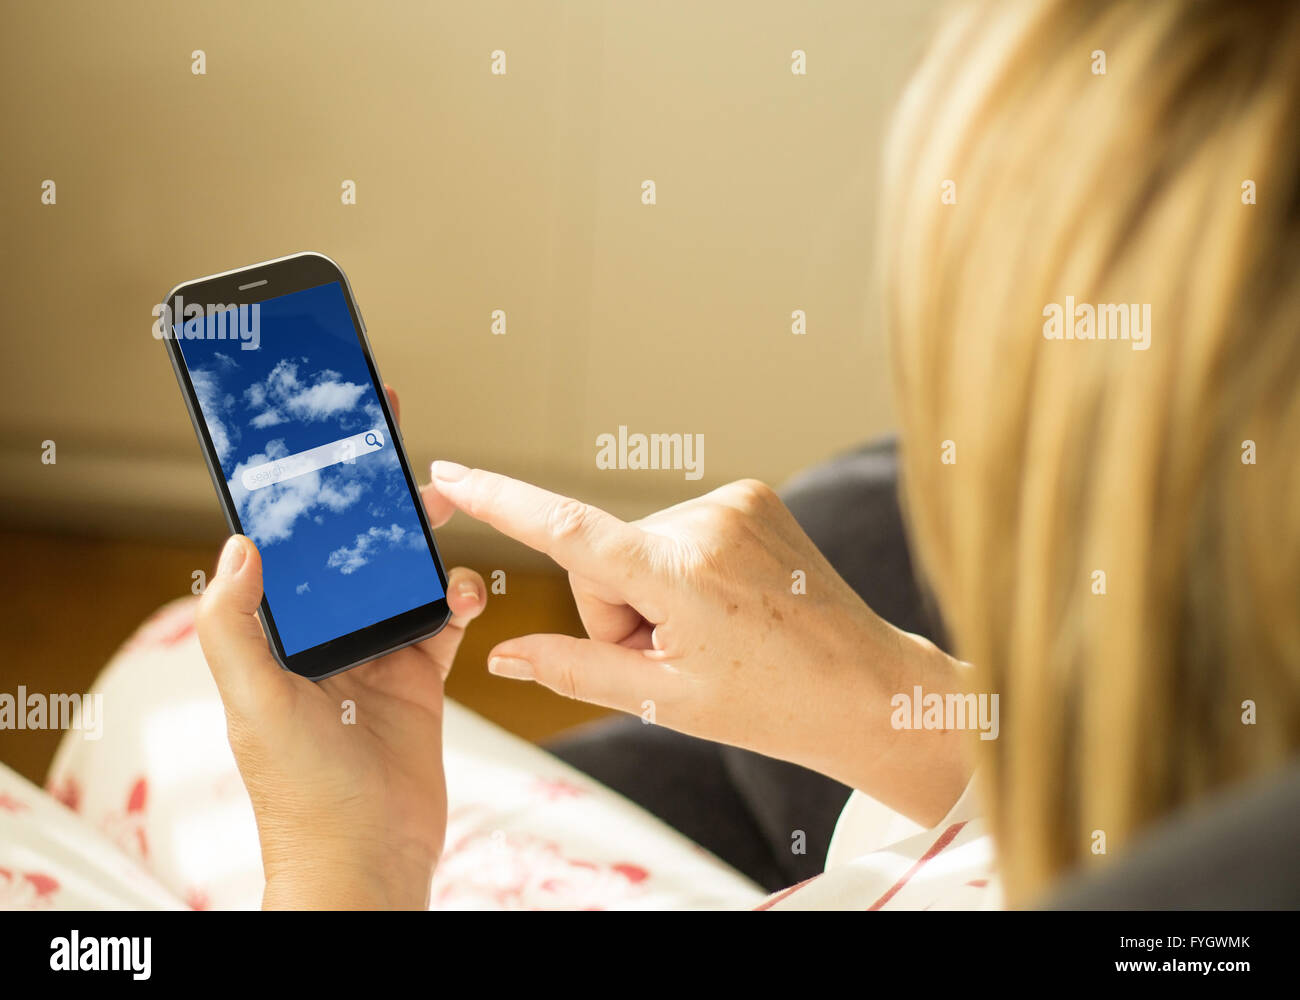 Glossy Technology Stockfotos & Glossy Technology Bilder - Seite 2 ...